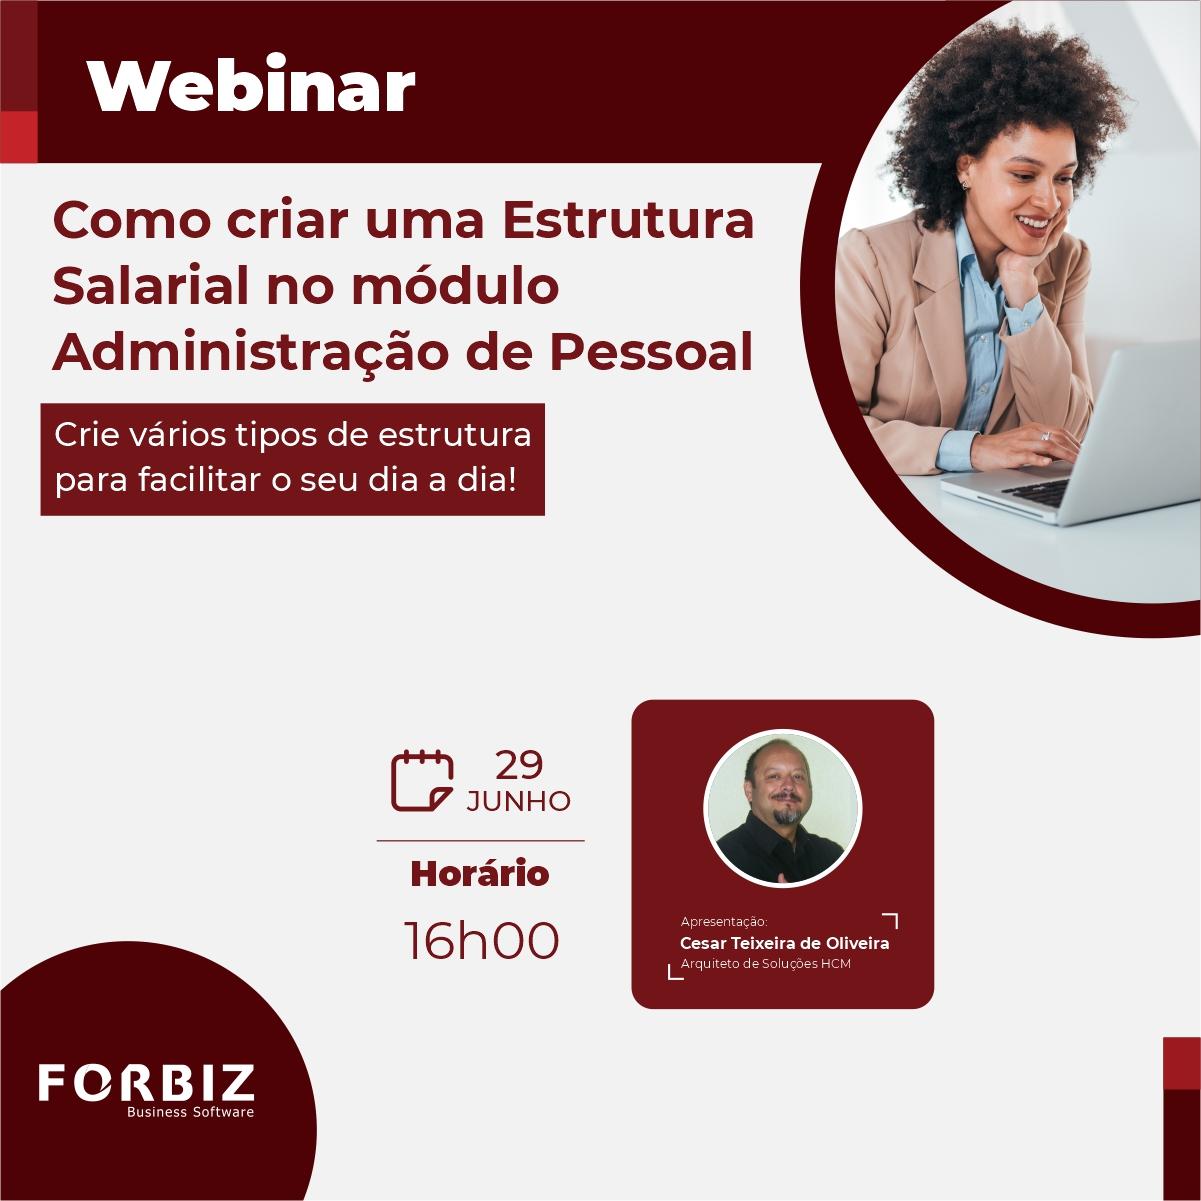 Webinar Como criar uma Estrutura Salarial no módulo Administração de Pessoal